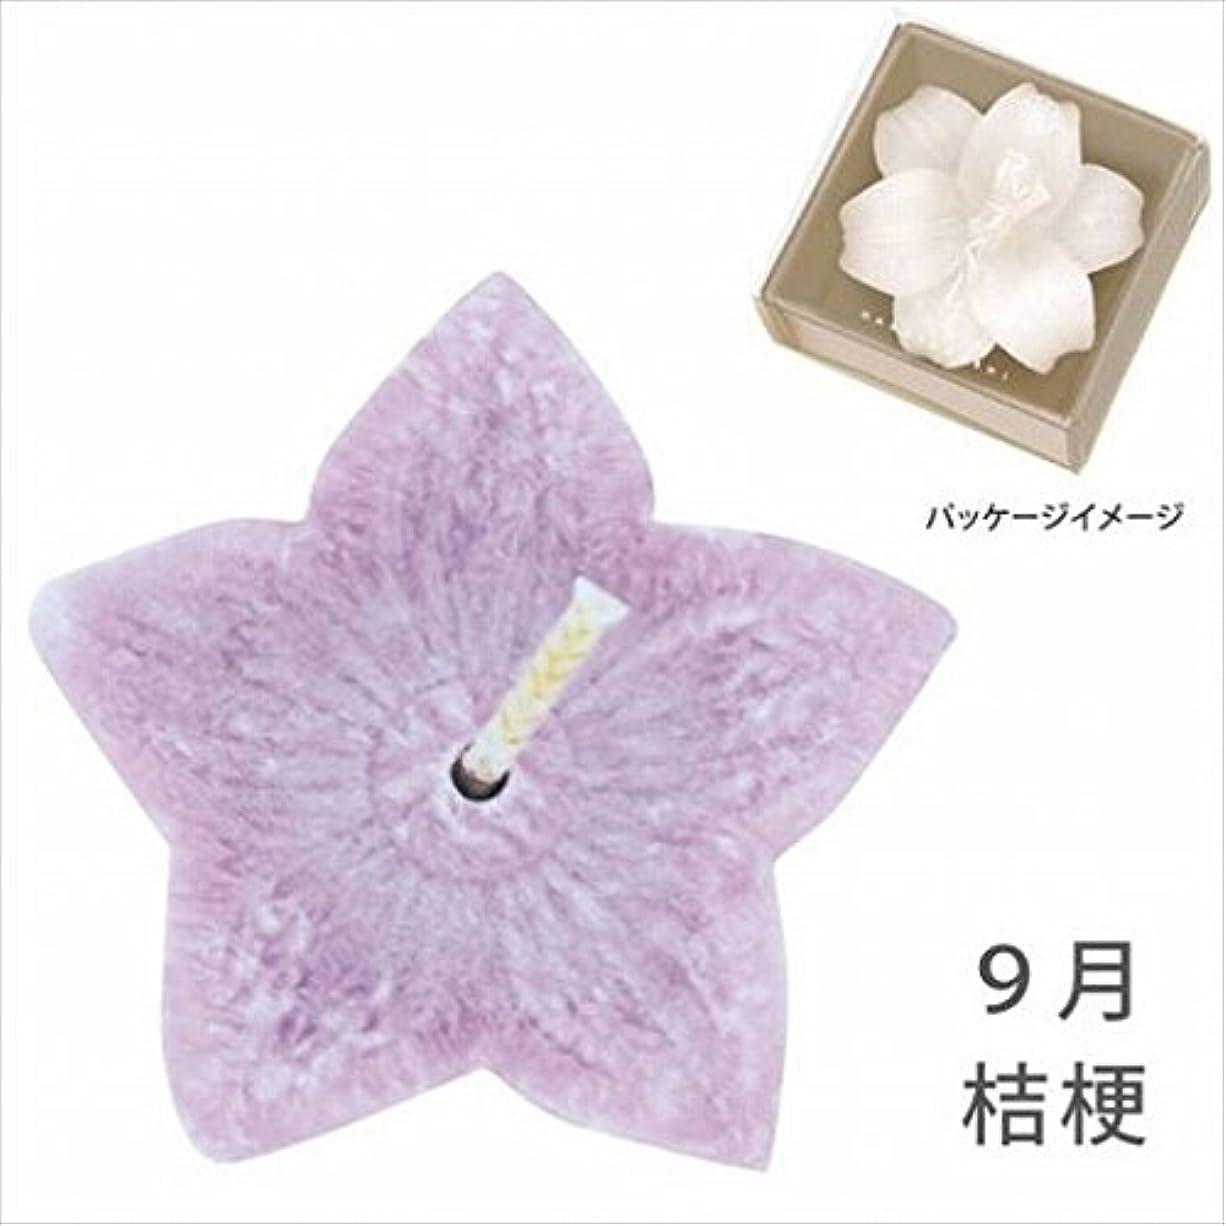 相対性理論側ブリリアントkameyama candle(カメヤマキャンドル) 花づくし(植物性) 桔梗 「 桔梗(9月) 」 キャンドル(A4620510)